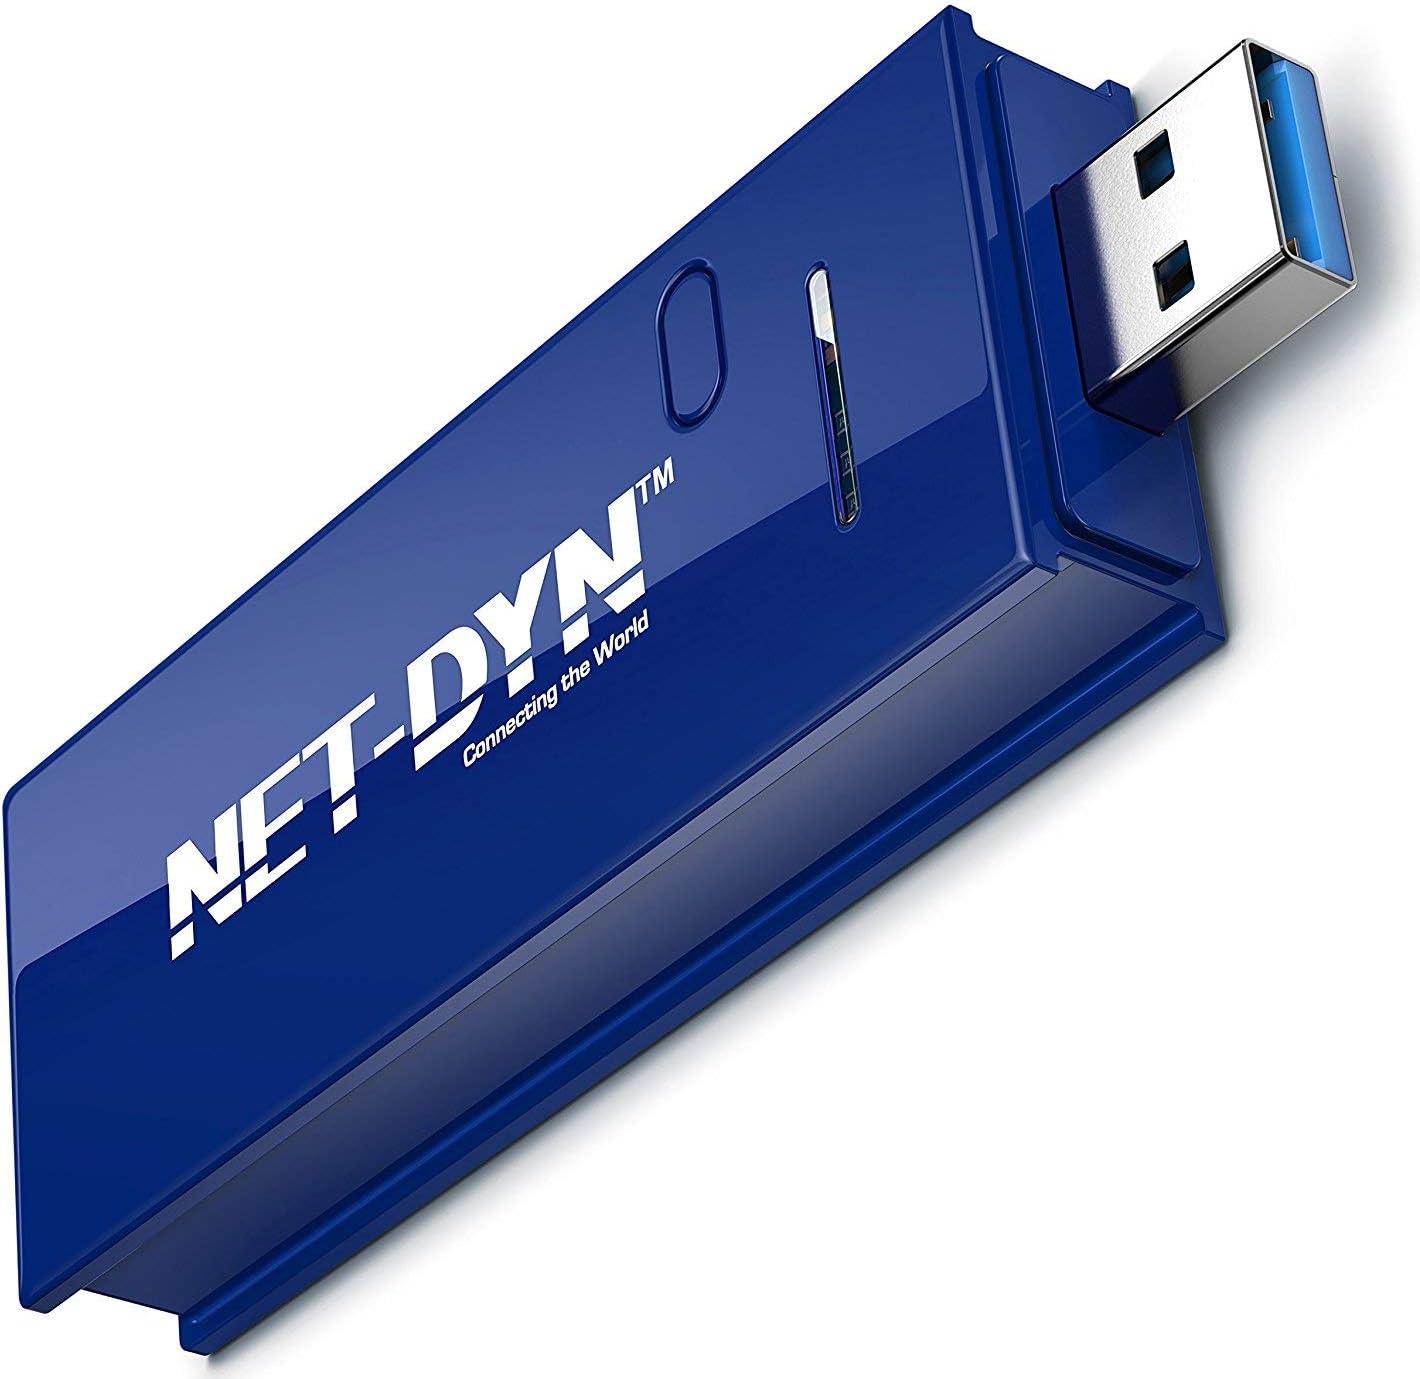 USB Wireless WiFi Adapter